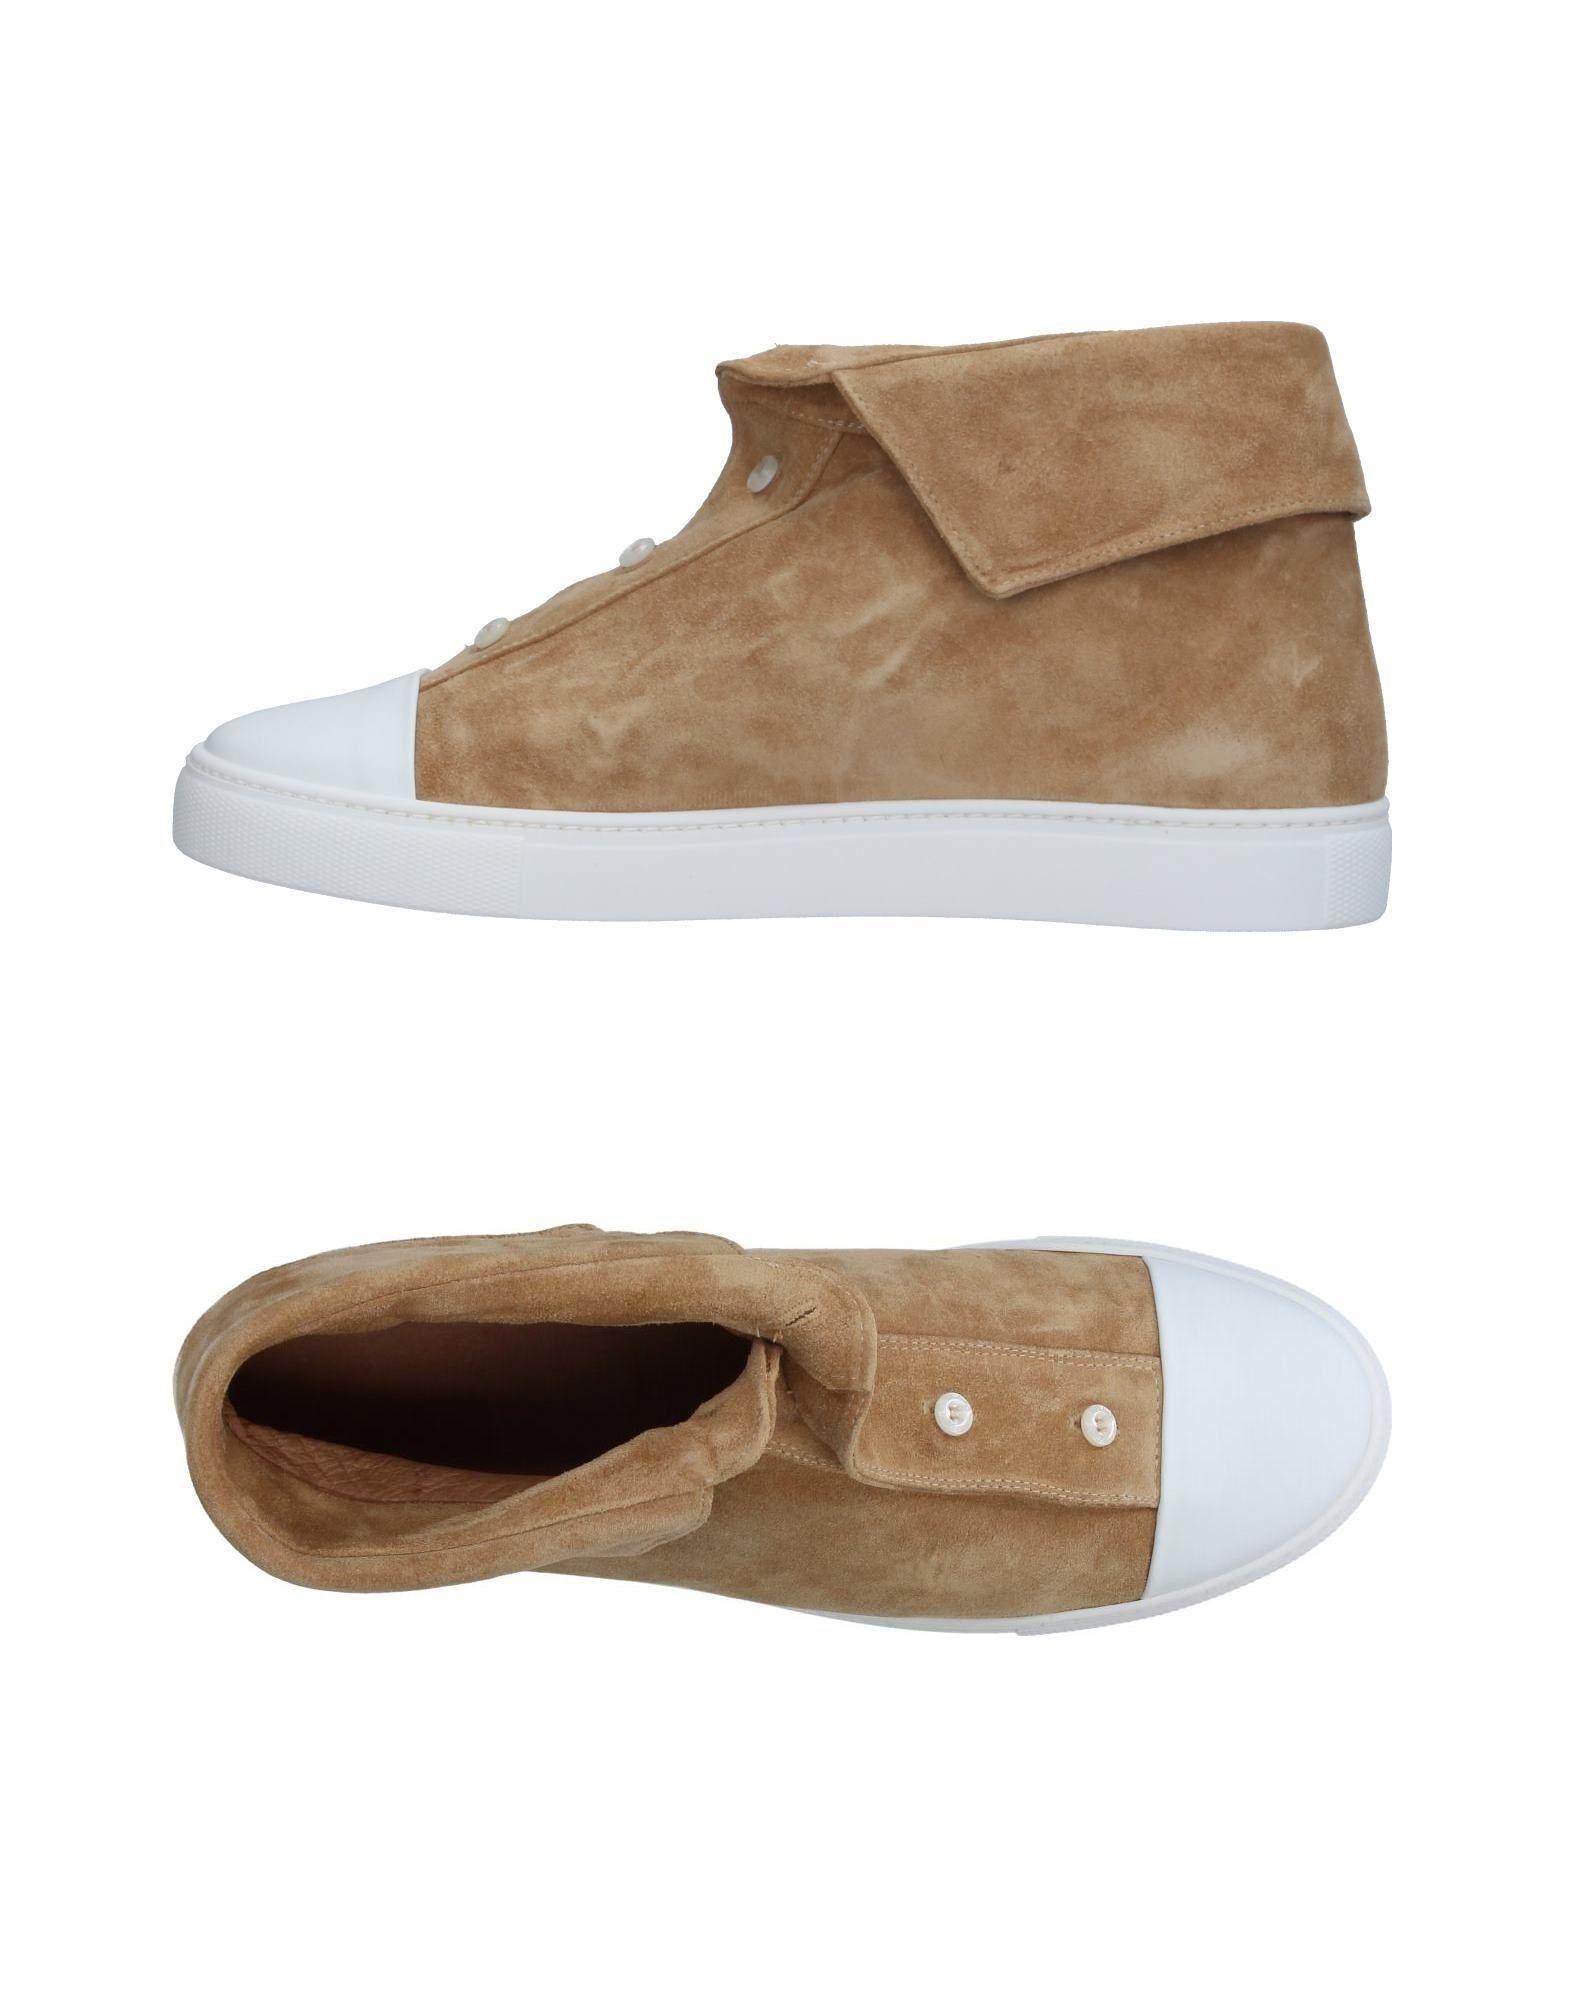 Herren Sciuscert Sneakers Herren   11313065MU Heiße Schuhe 60d223